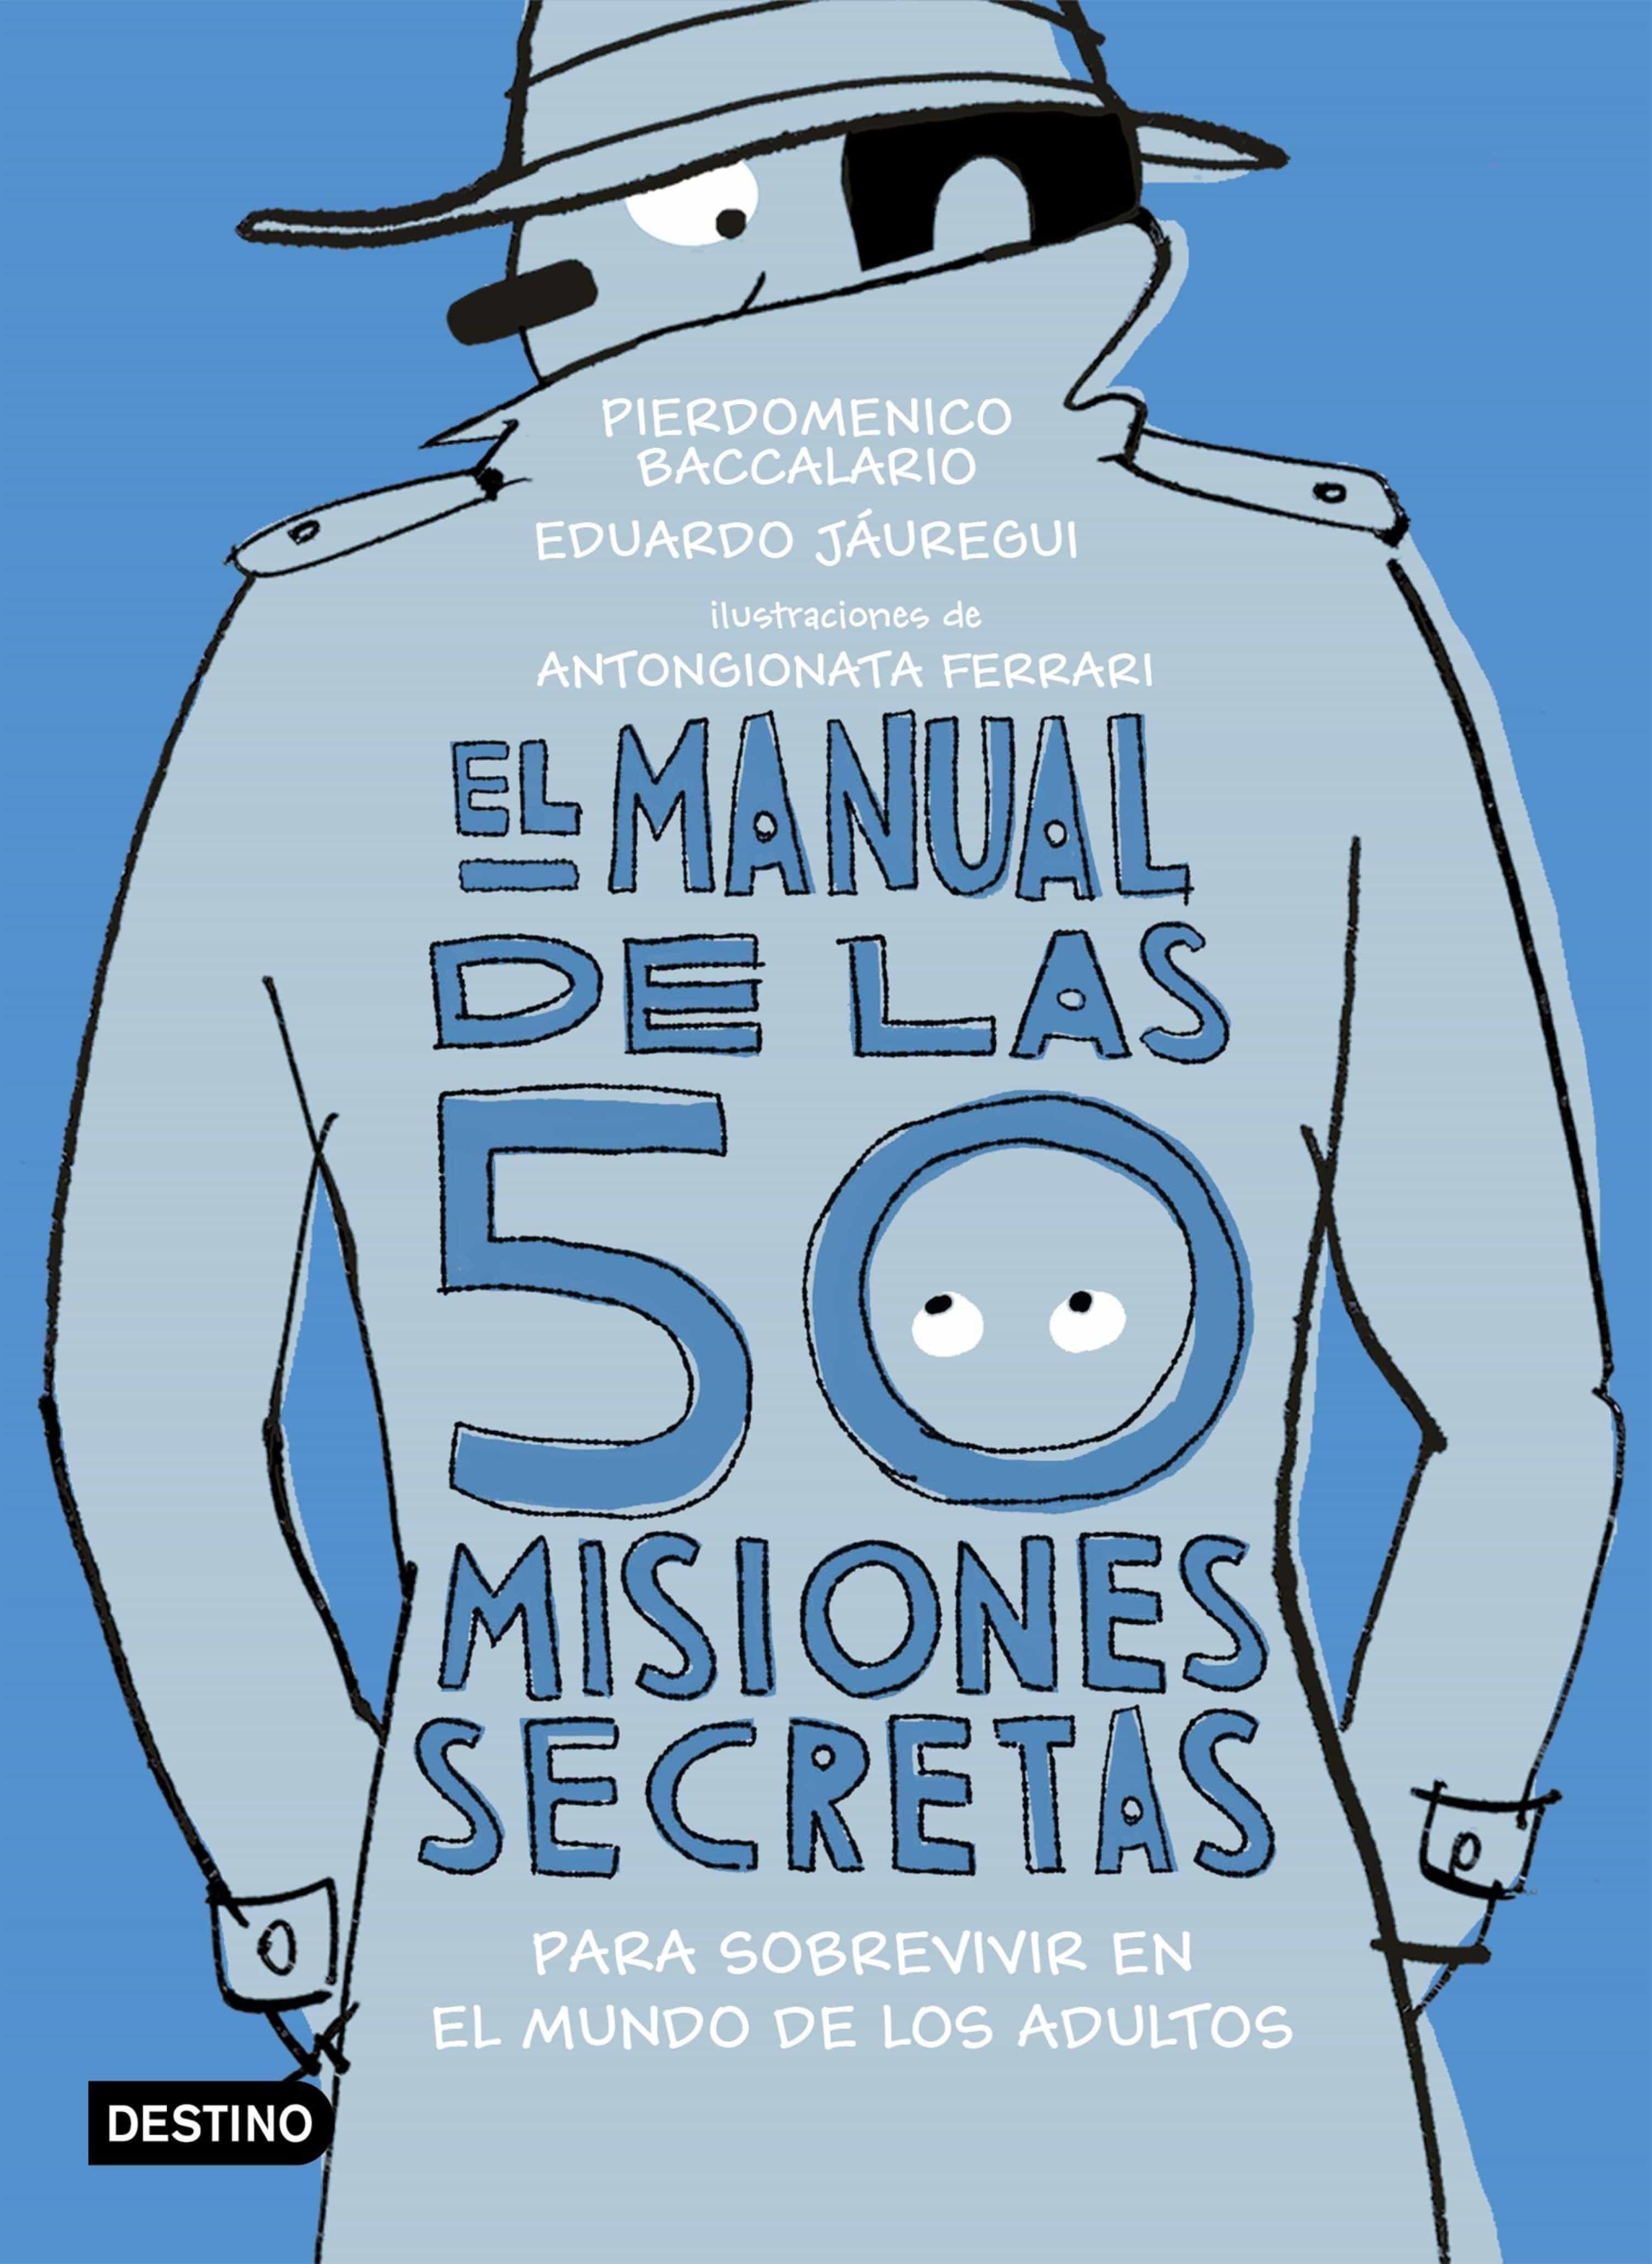 El Manual De Las 50 Misiones Secretas Para Sobrevivir En El Mundo De Los Adultos   por Pierdomenico Baccalario